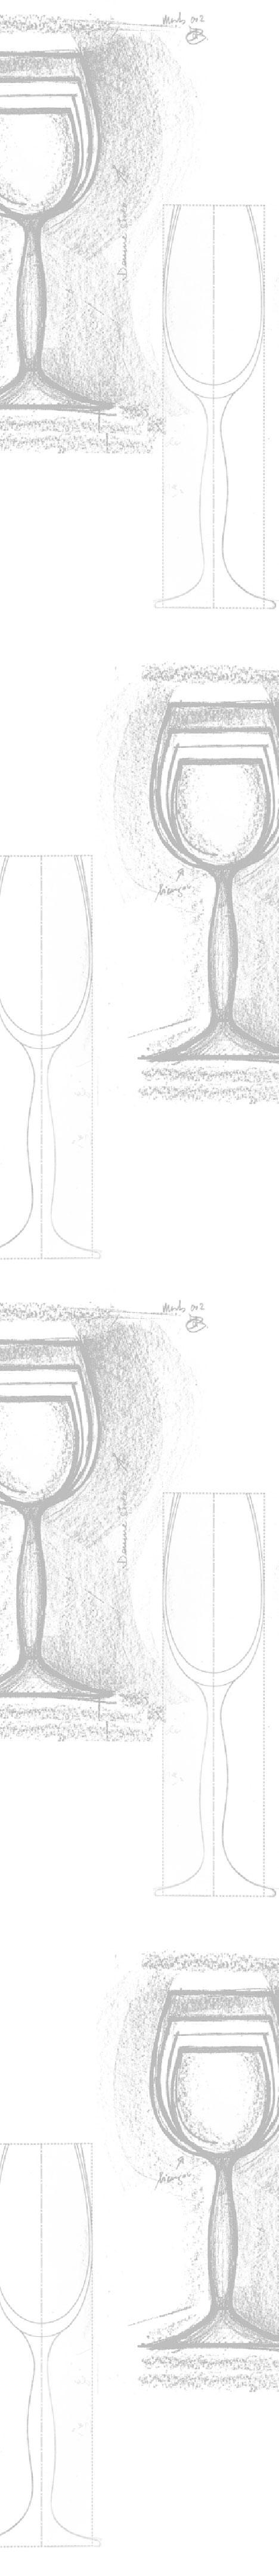 Opera glas skitser af Erik Bagger